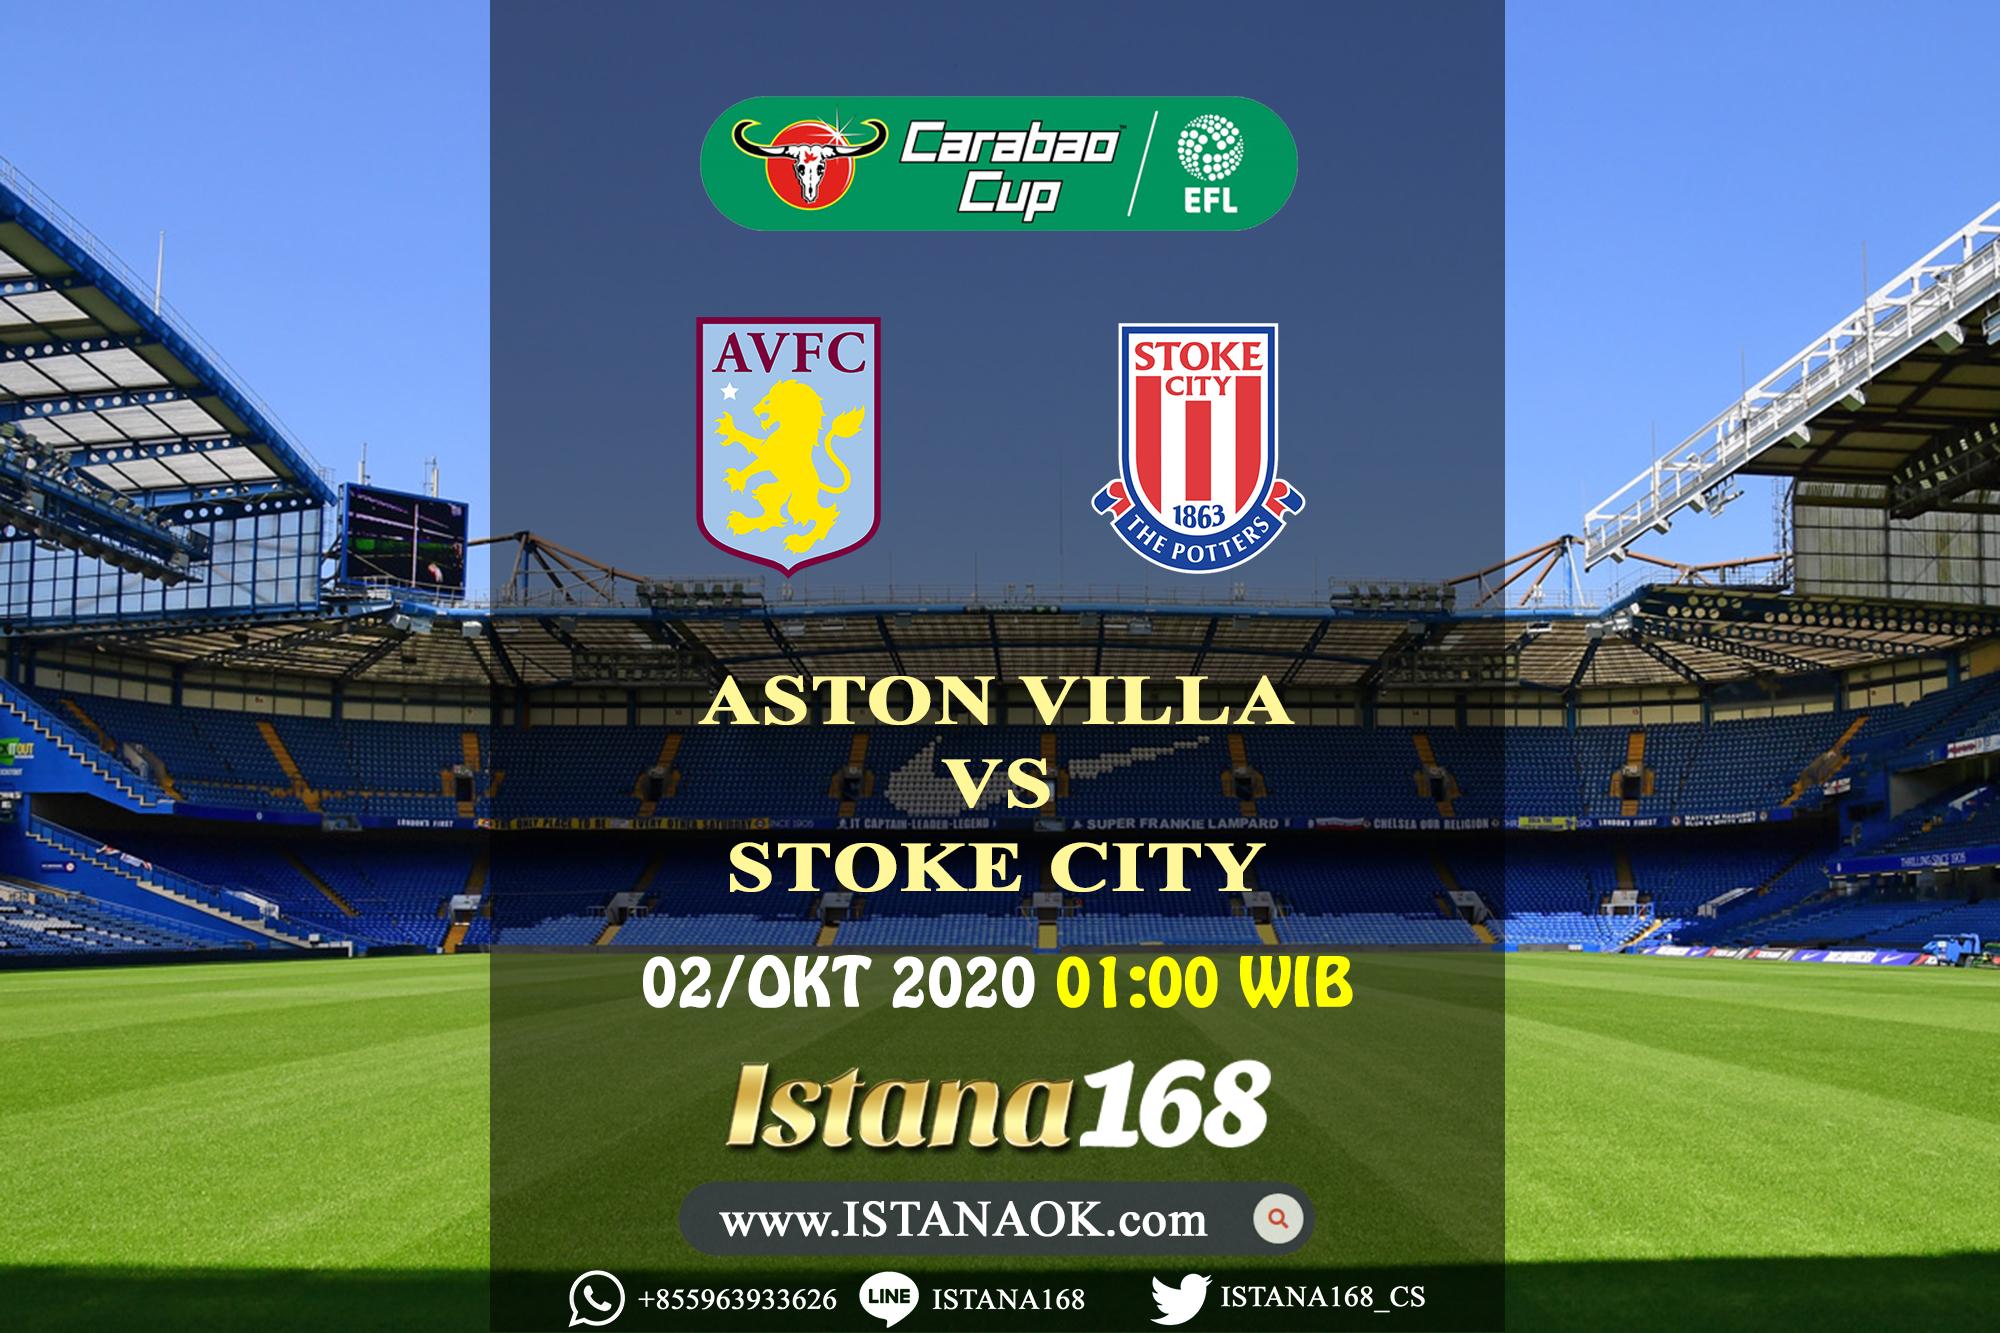 Prediksi Bola Akurat Istana168 Aston Villa Vs Stoke City 02 Oktober 2020